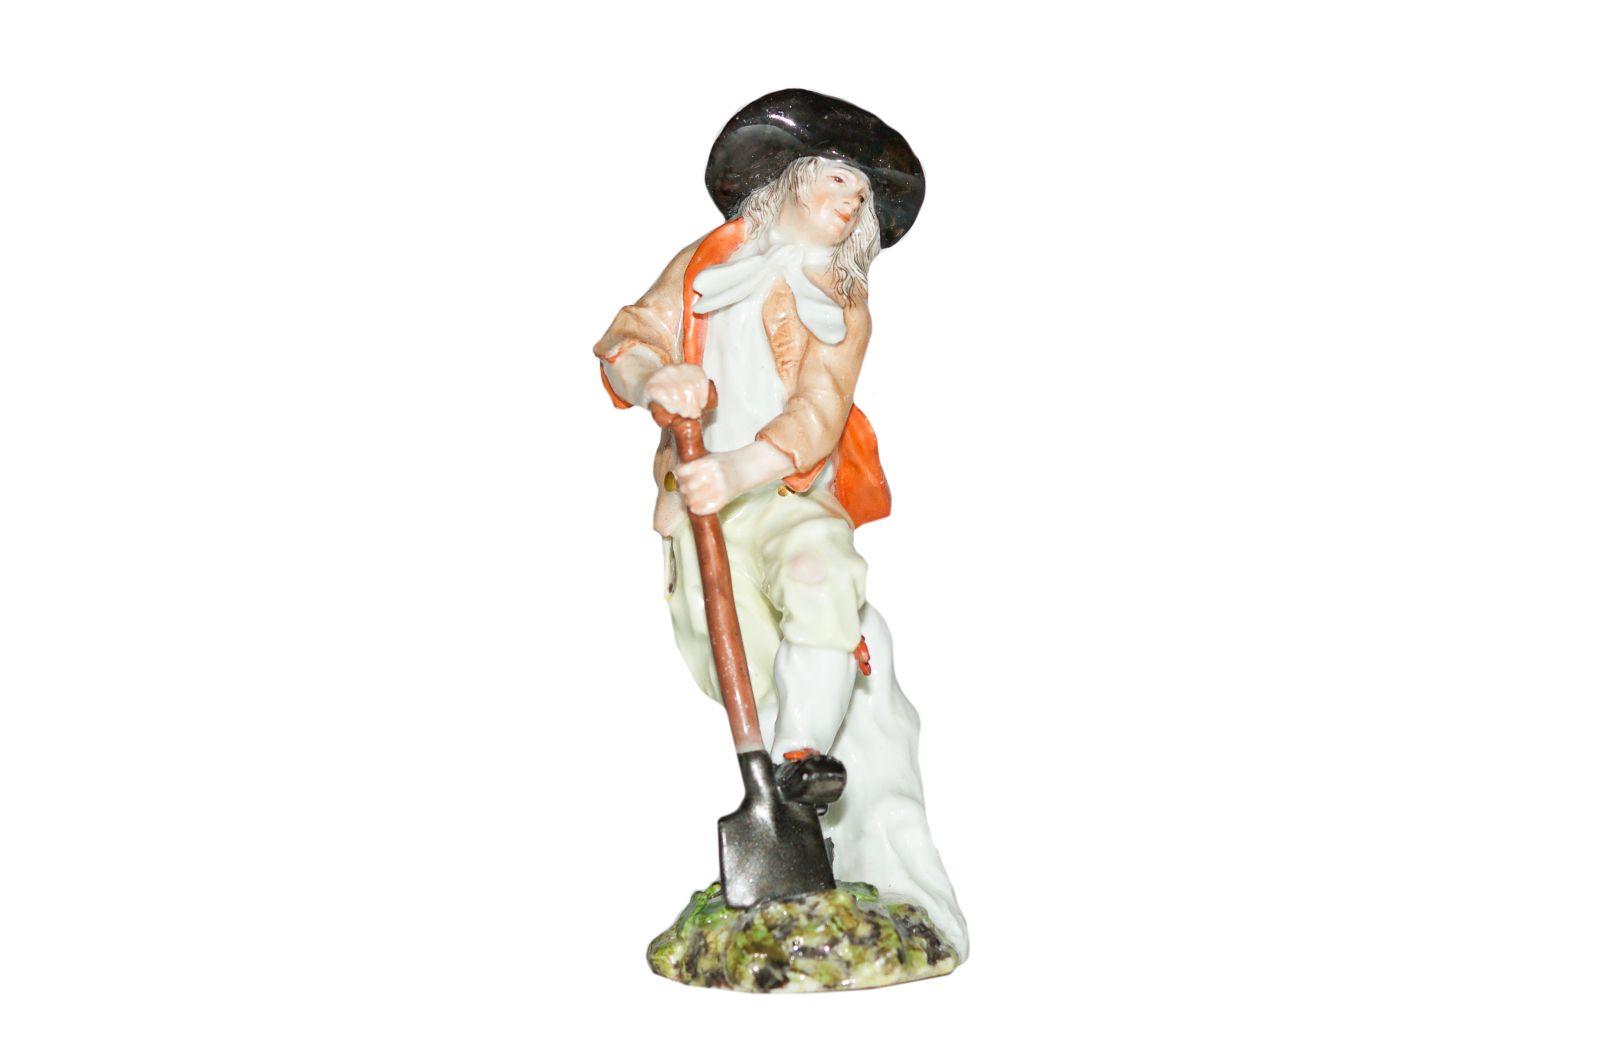 #187 Winemaker with shovel, Meissen 1750 | Weinbauer mit Schaufel, Meissen 1750 Image